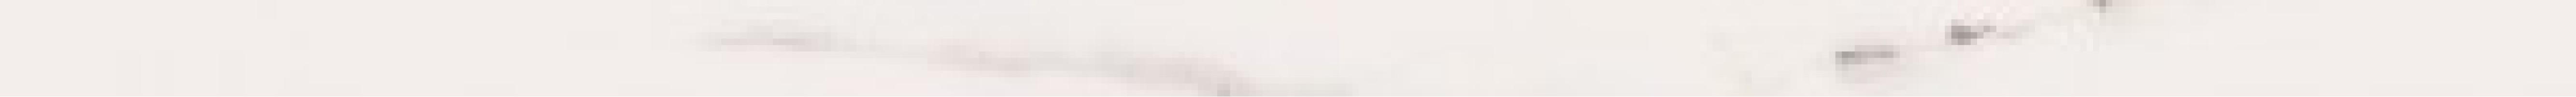 Угловой элемент Italon Charme Evo Calacatta Spigolo 1x25 600090000342